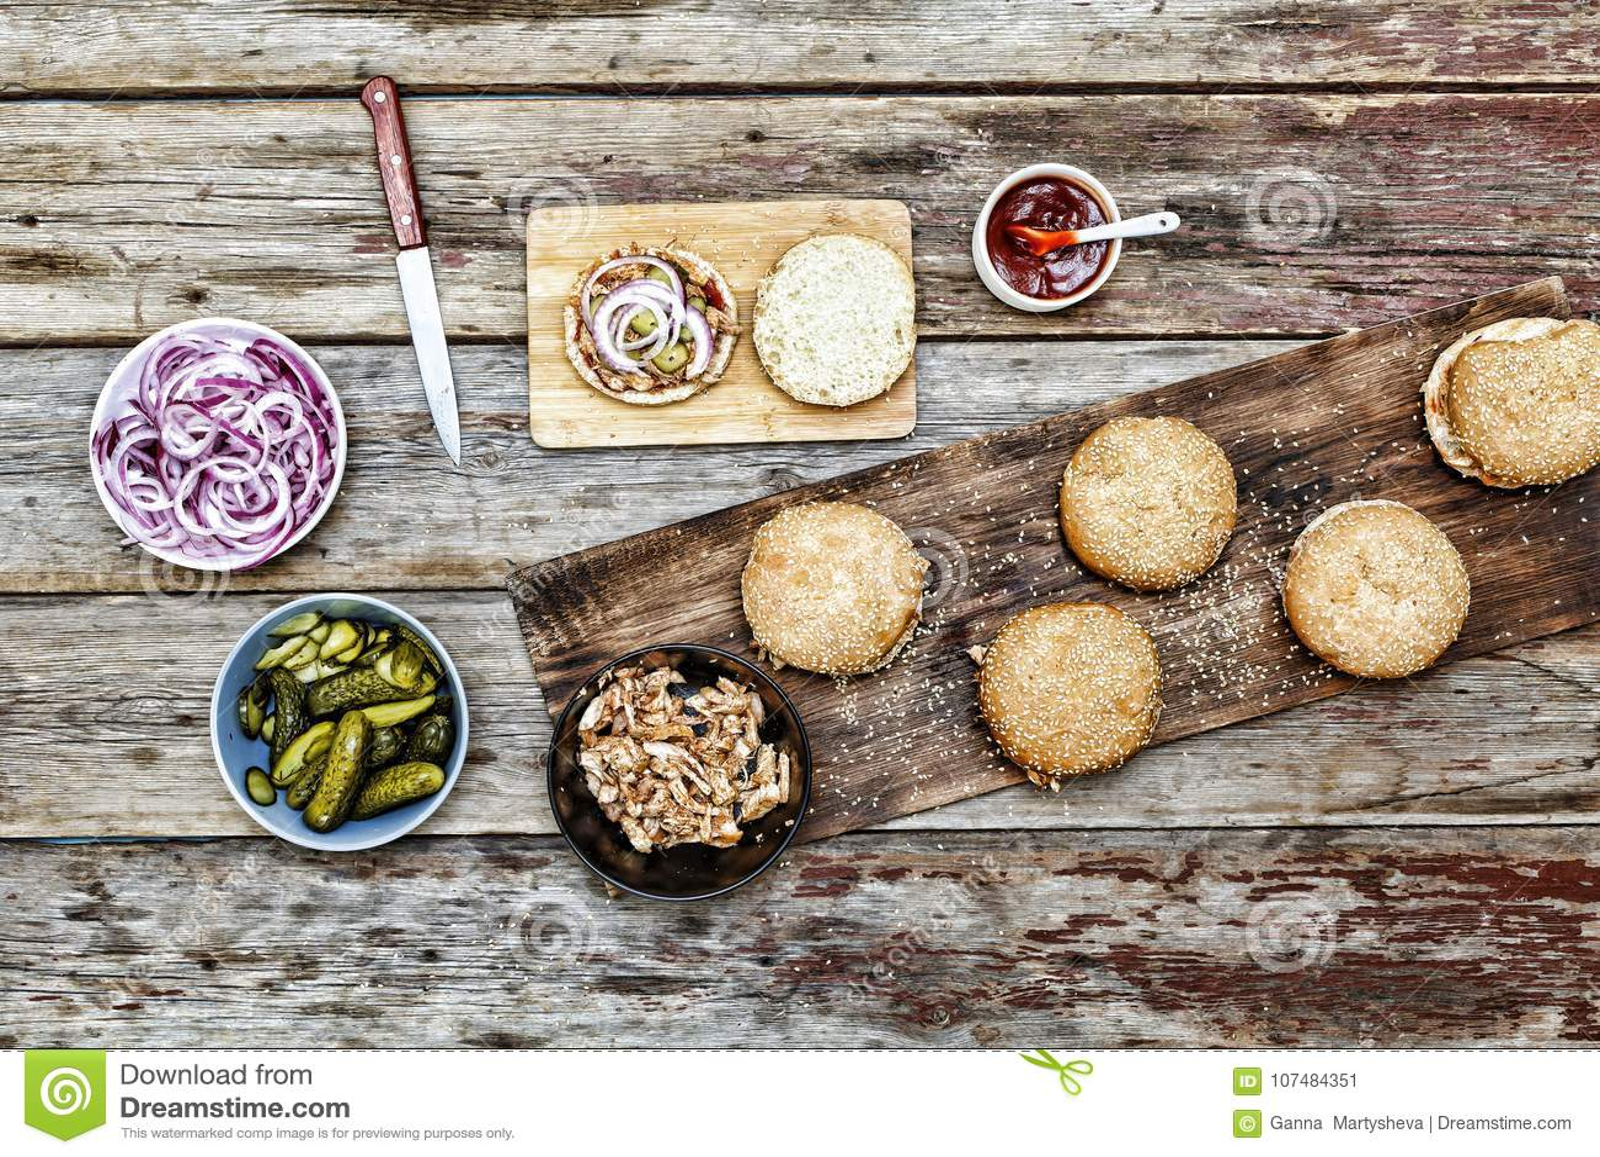 kitchen prep table teal appliances 妇女厨师准备汉堡汉堡汉堡和汉堡成份在木厨房用桌上库存图片 图片包括有 妇女厨师准备汉堡汉堡汉堡和汉堡成份在木厨房用桌上